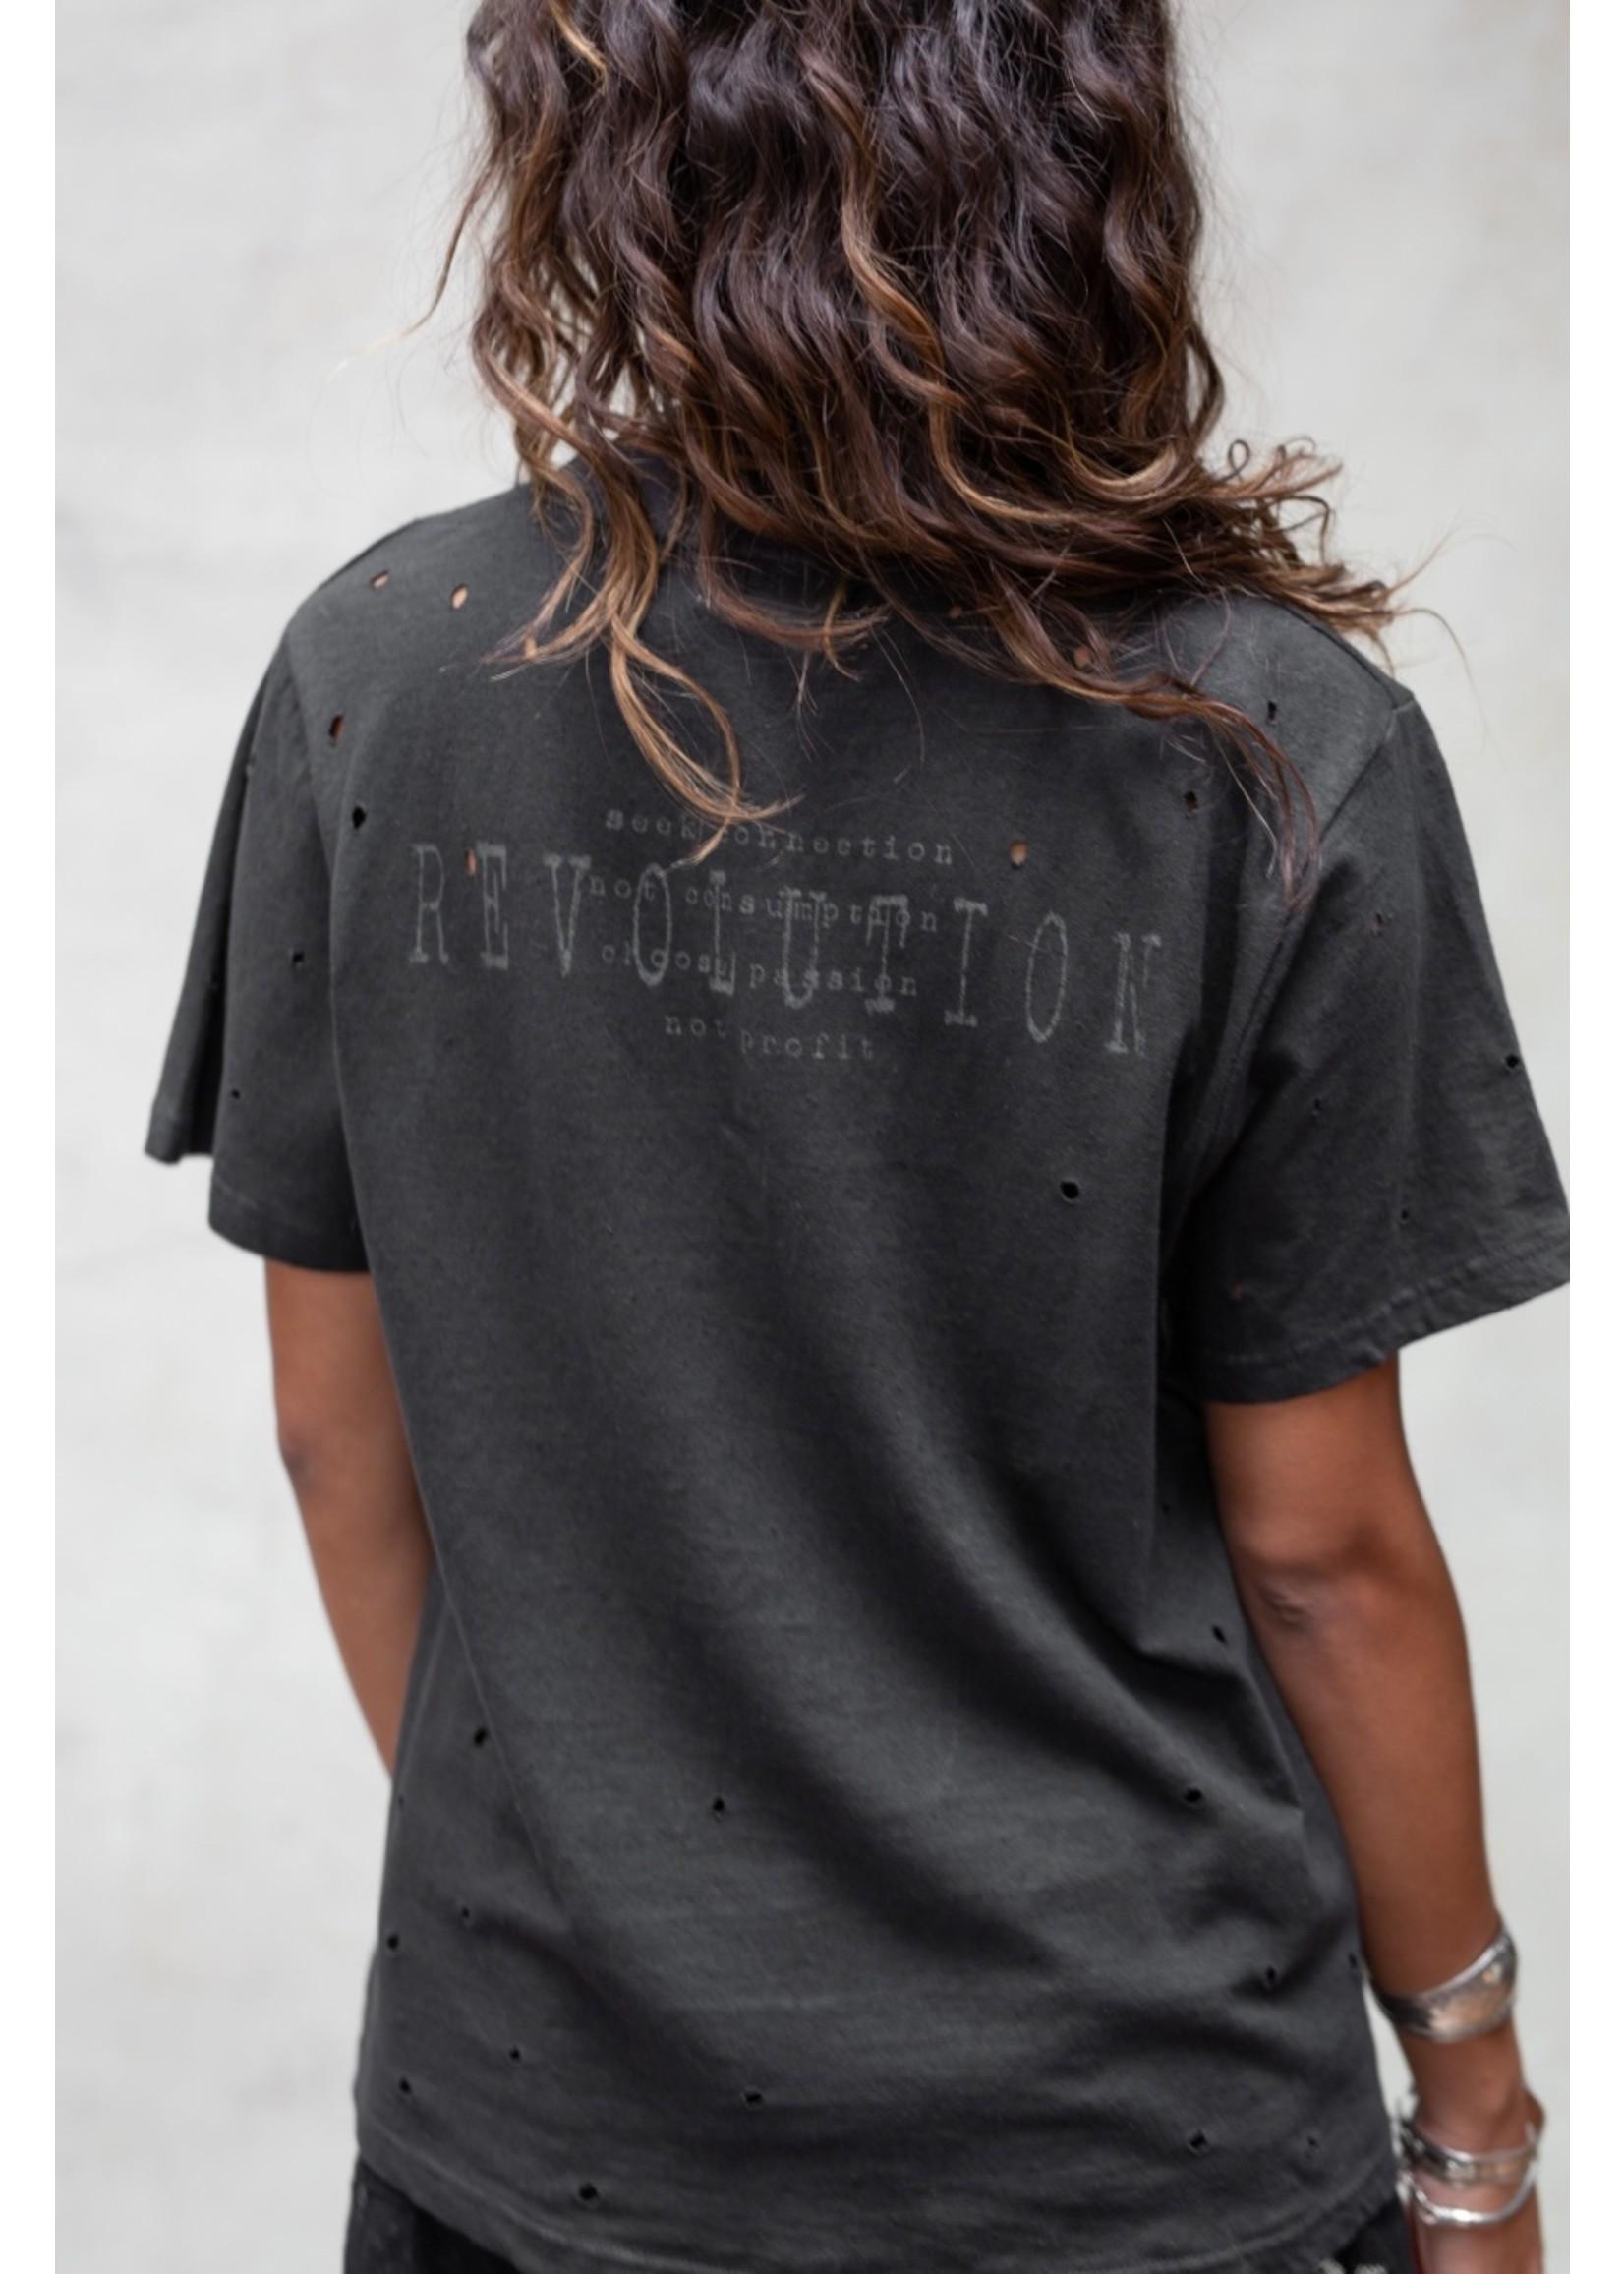 Moost Wanted Shirt met opdruk op de rug en gaatjes DARK GREY